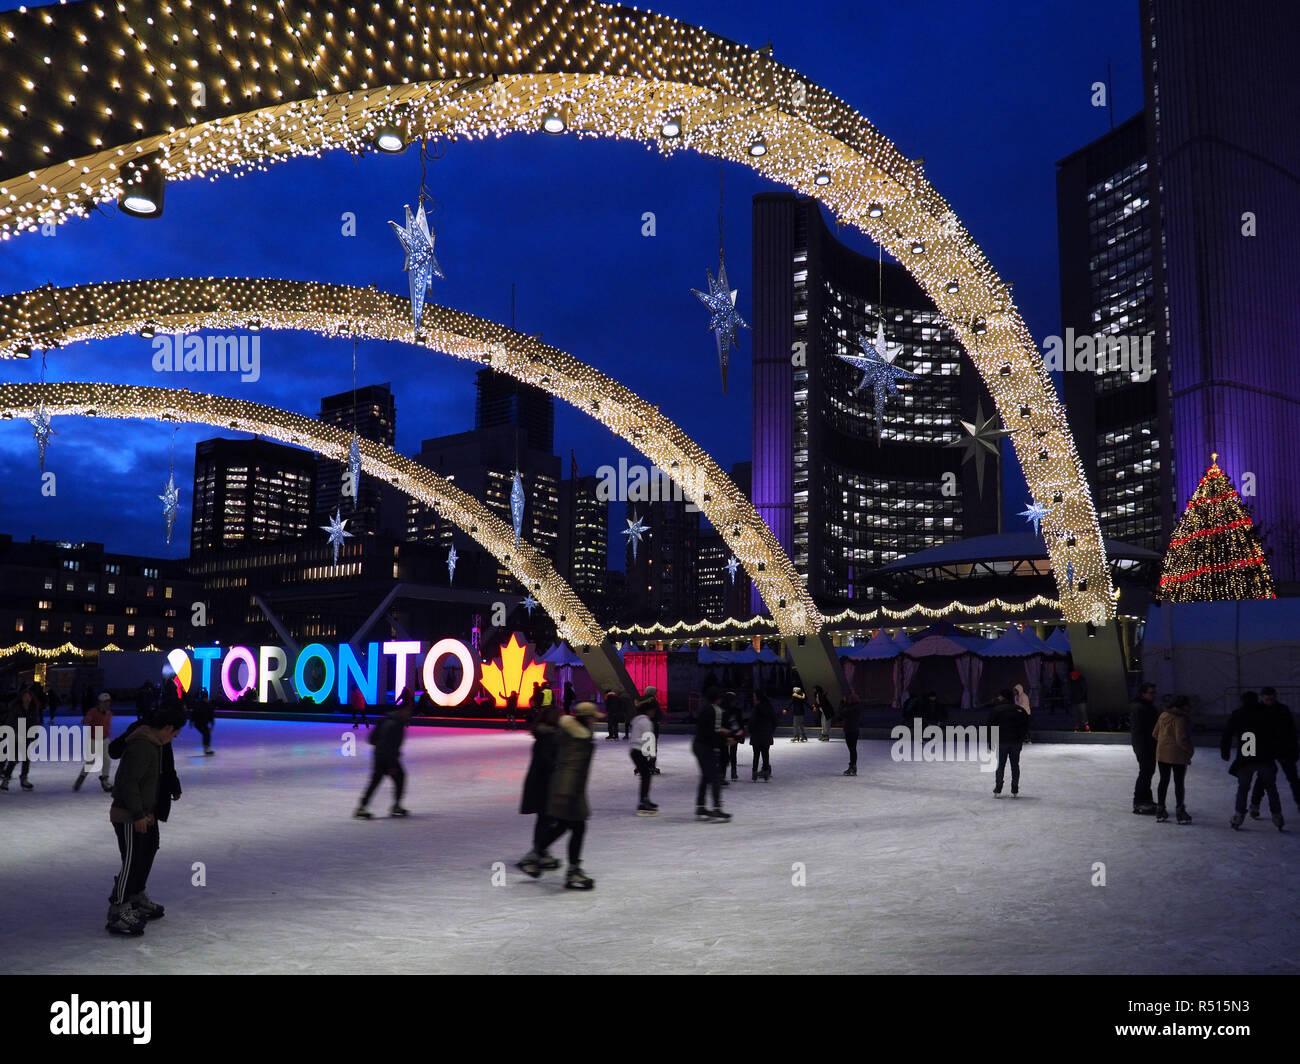 Patinoire avec des lumières de Noël et allumé Toronto signe, soir devant l'Hôtel de ville moderne de Toronto. Photo Stock